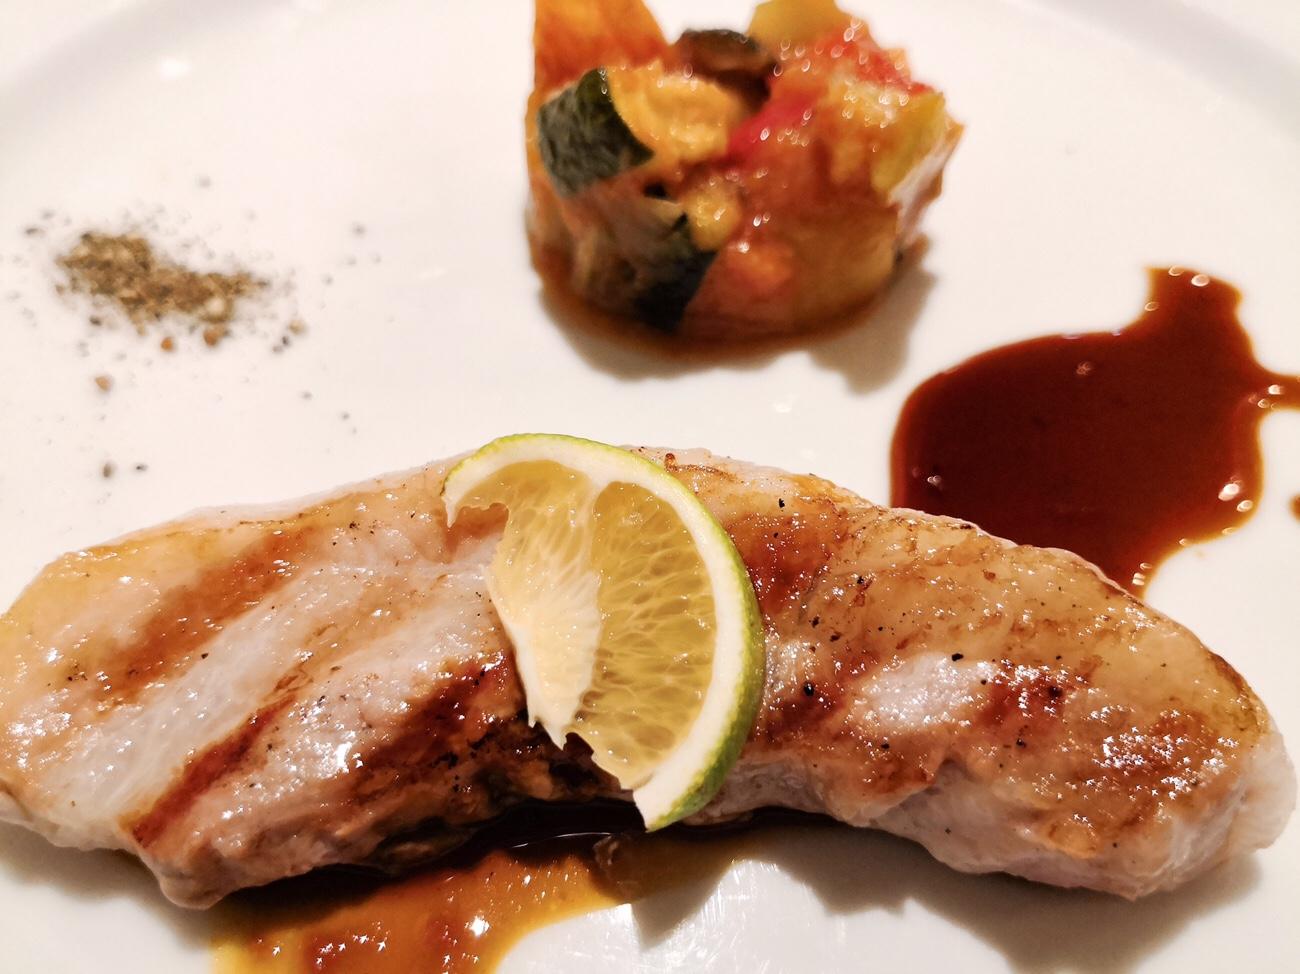 東京浅草豚料理専門店 グロワグロワのメインディッシュ